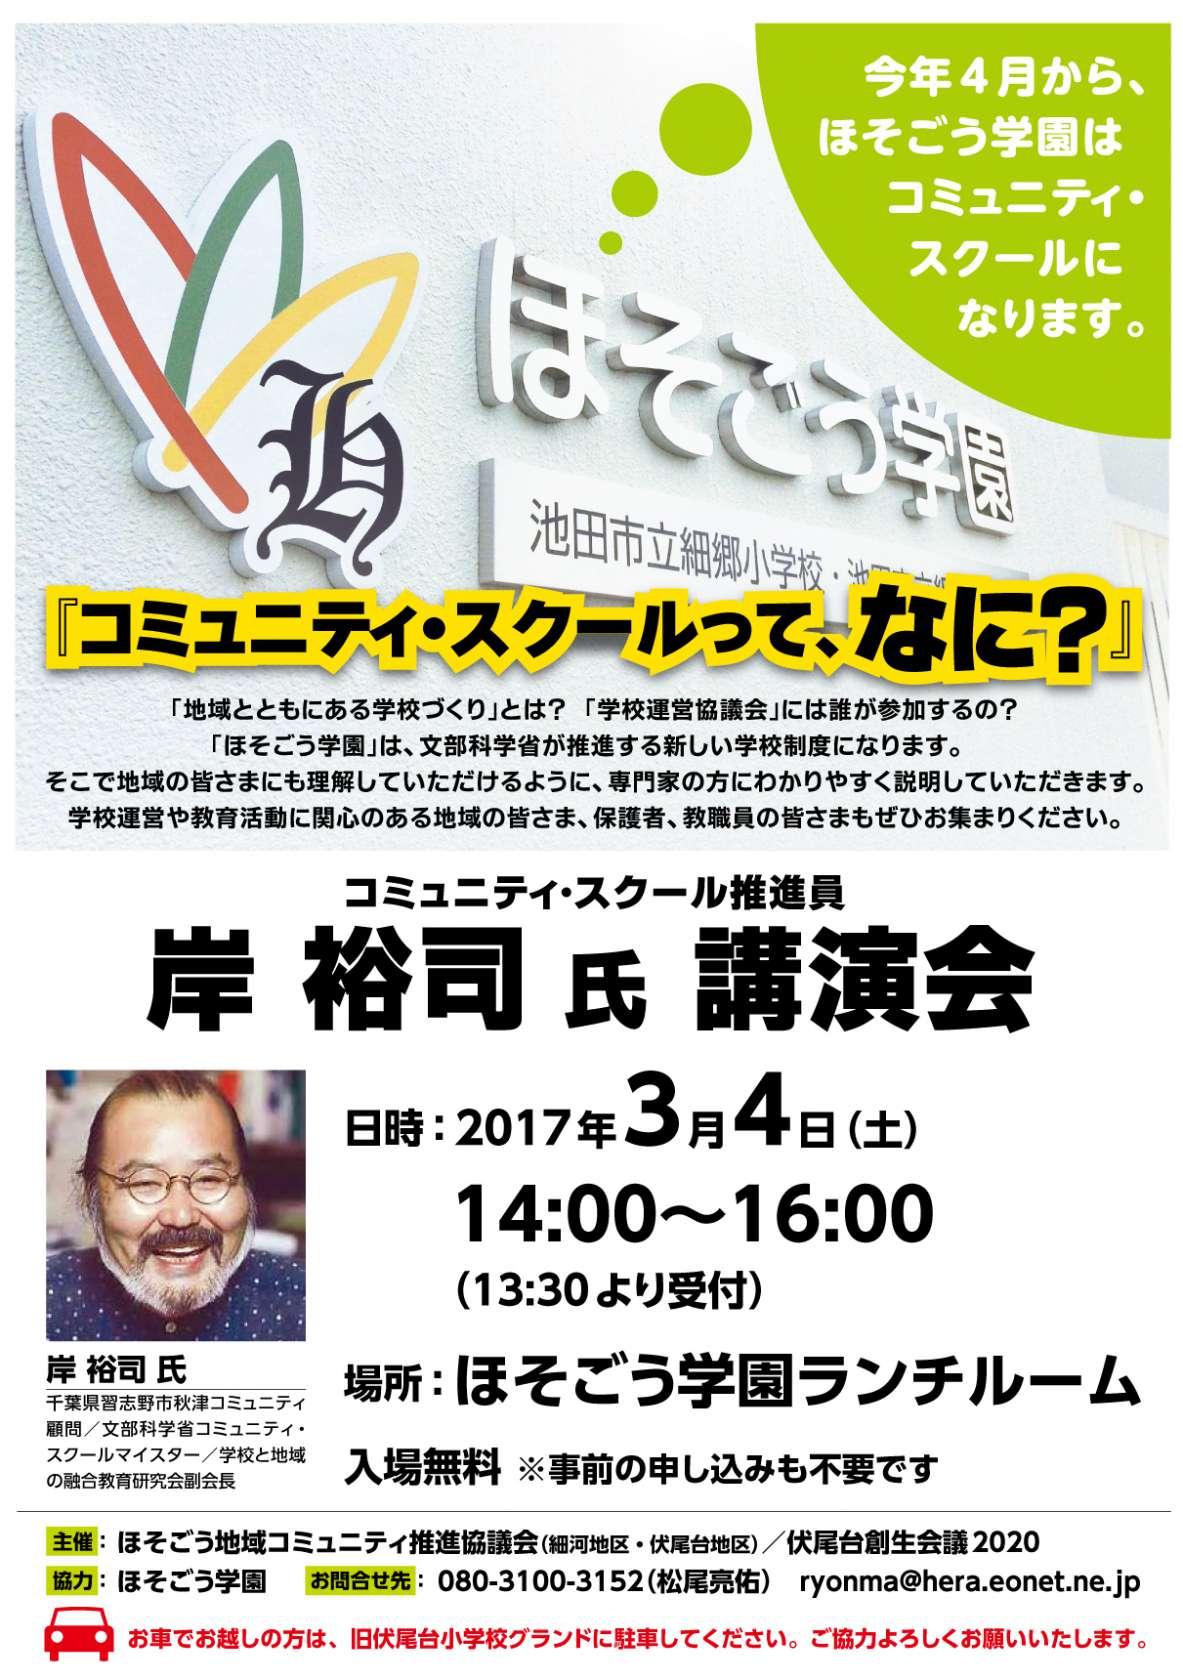 「コミュニティ・スクールって、なに?」岸 裕司 氏 講演会